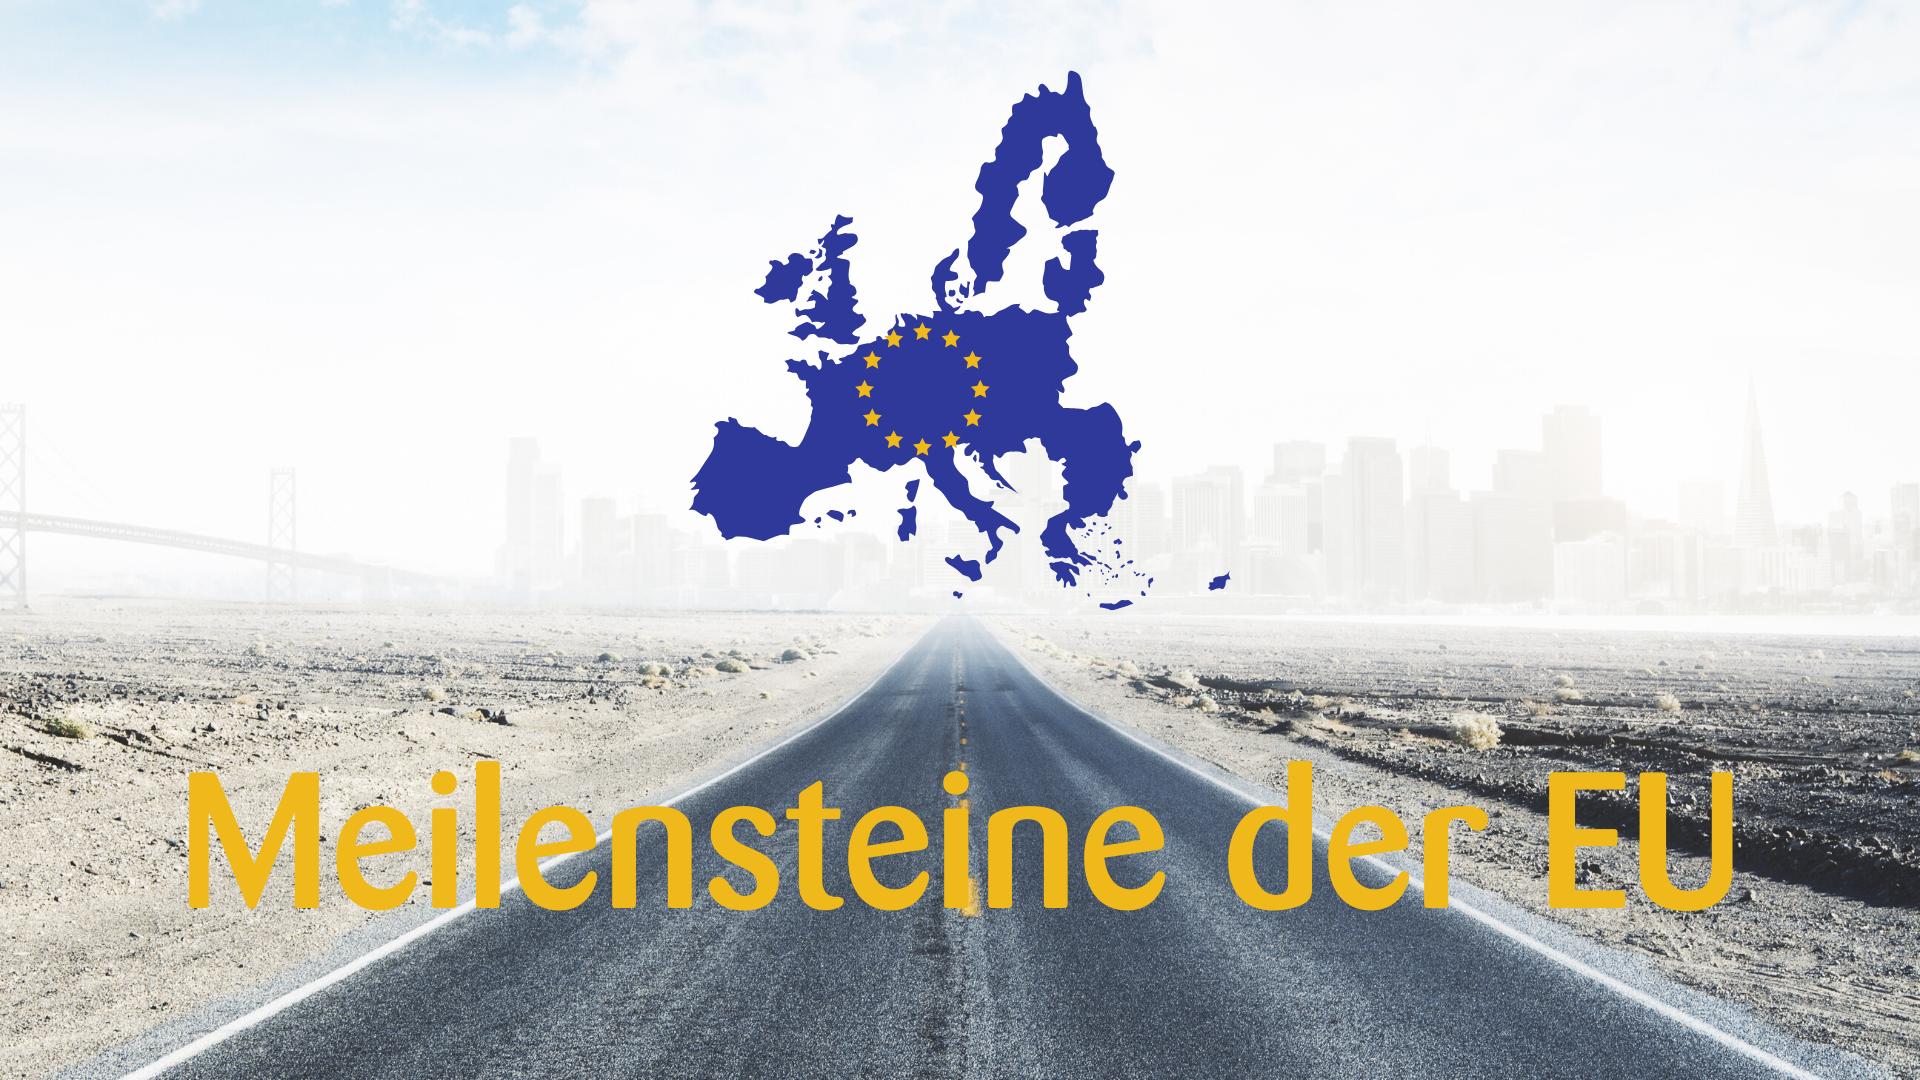 Meilensteine der EU